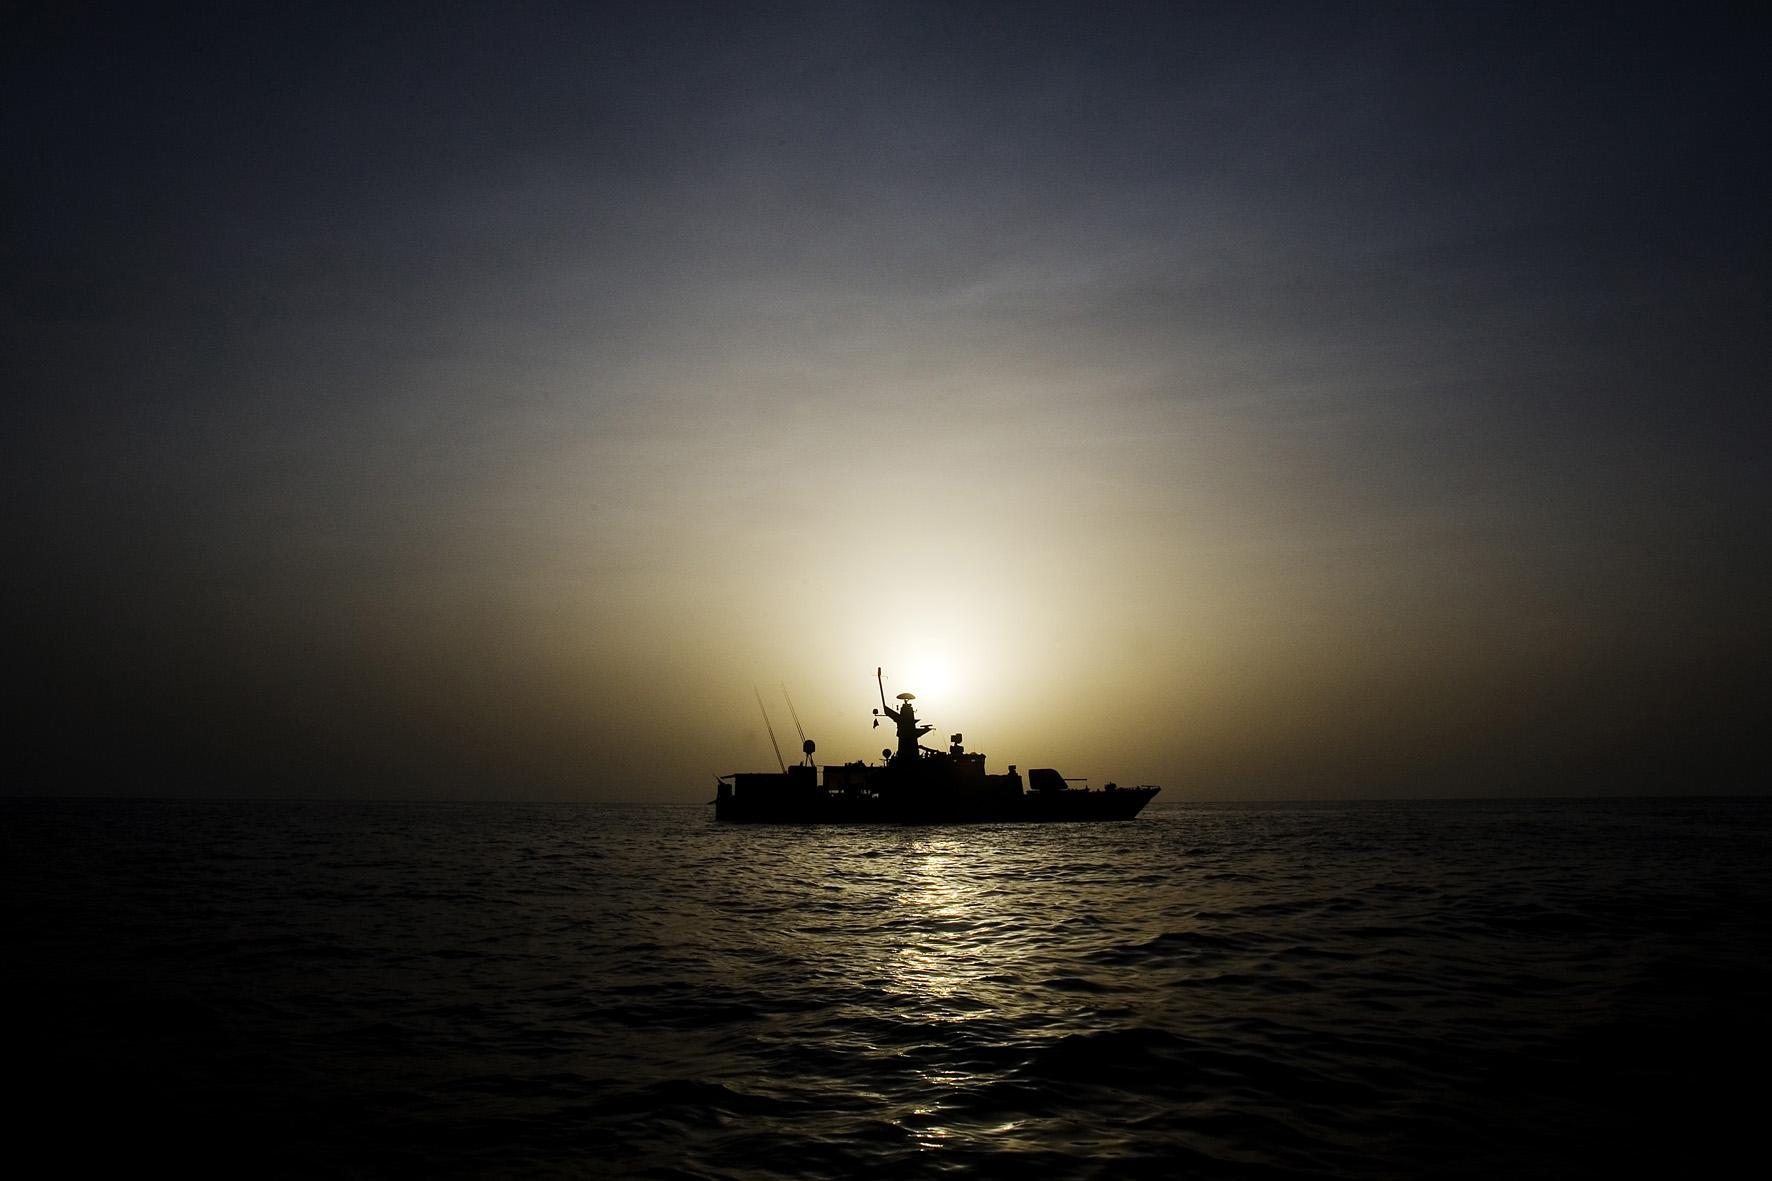 HMS Stockholm under insats i Adenviken. Foto:Johan Lundahl/Combat Camera/Försvarsmakten